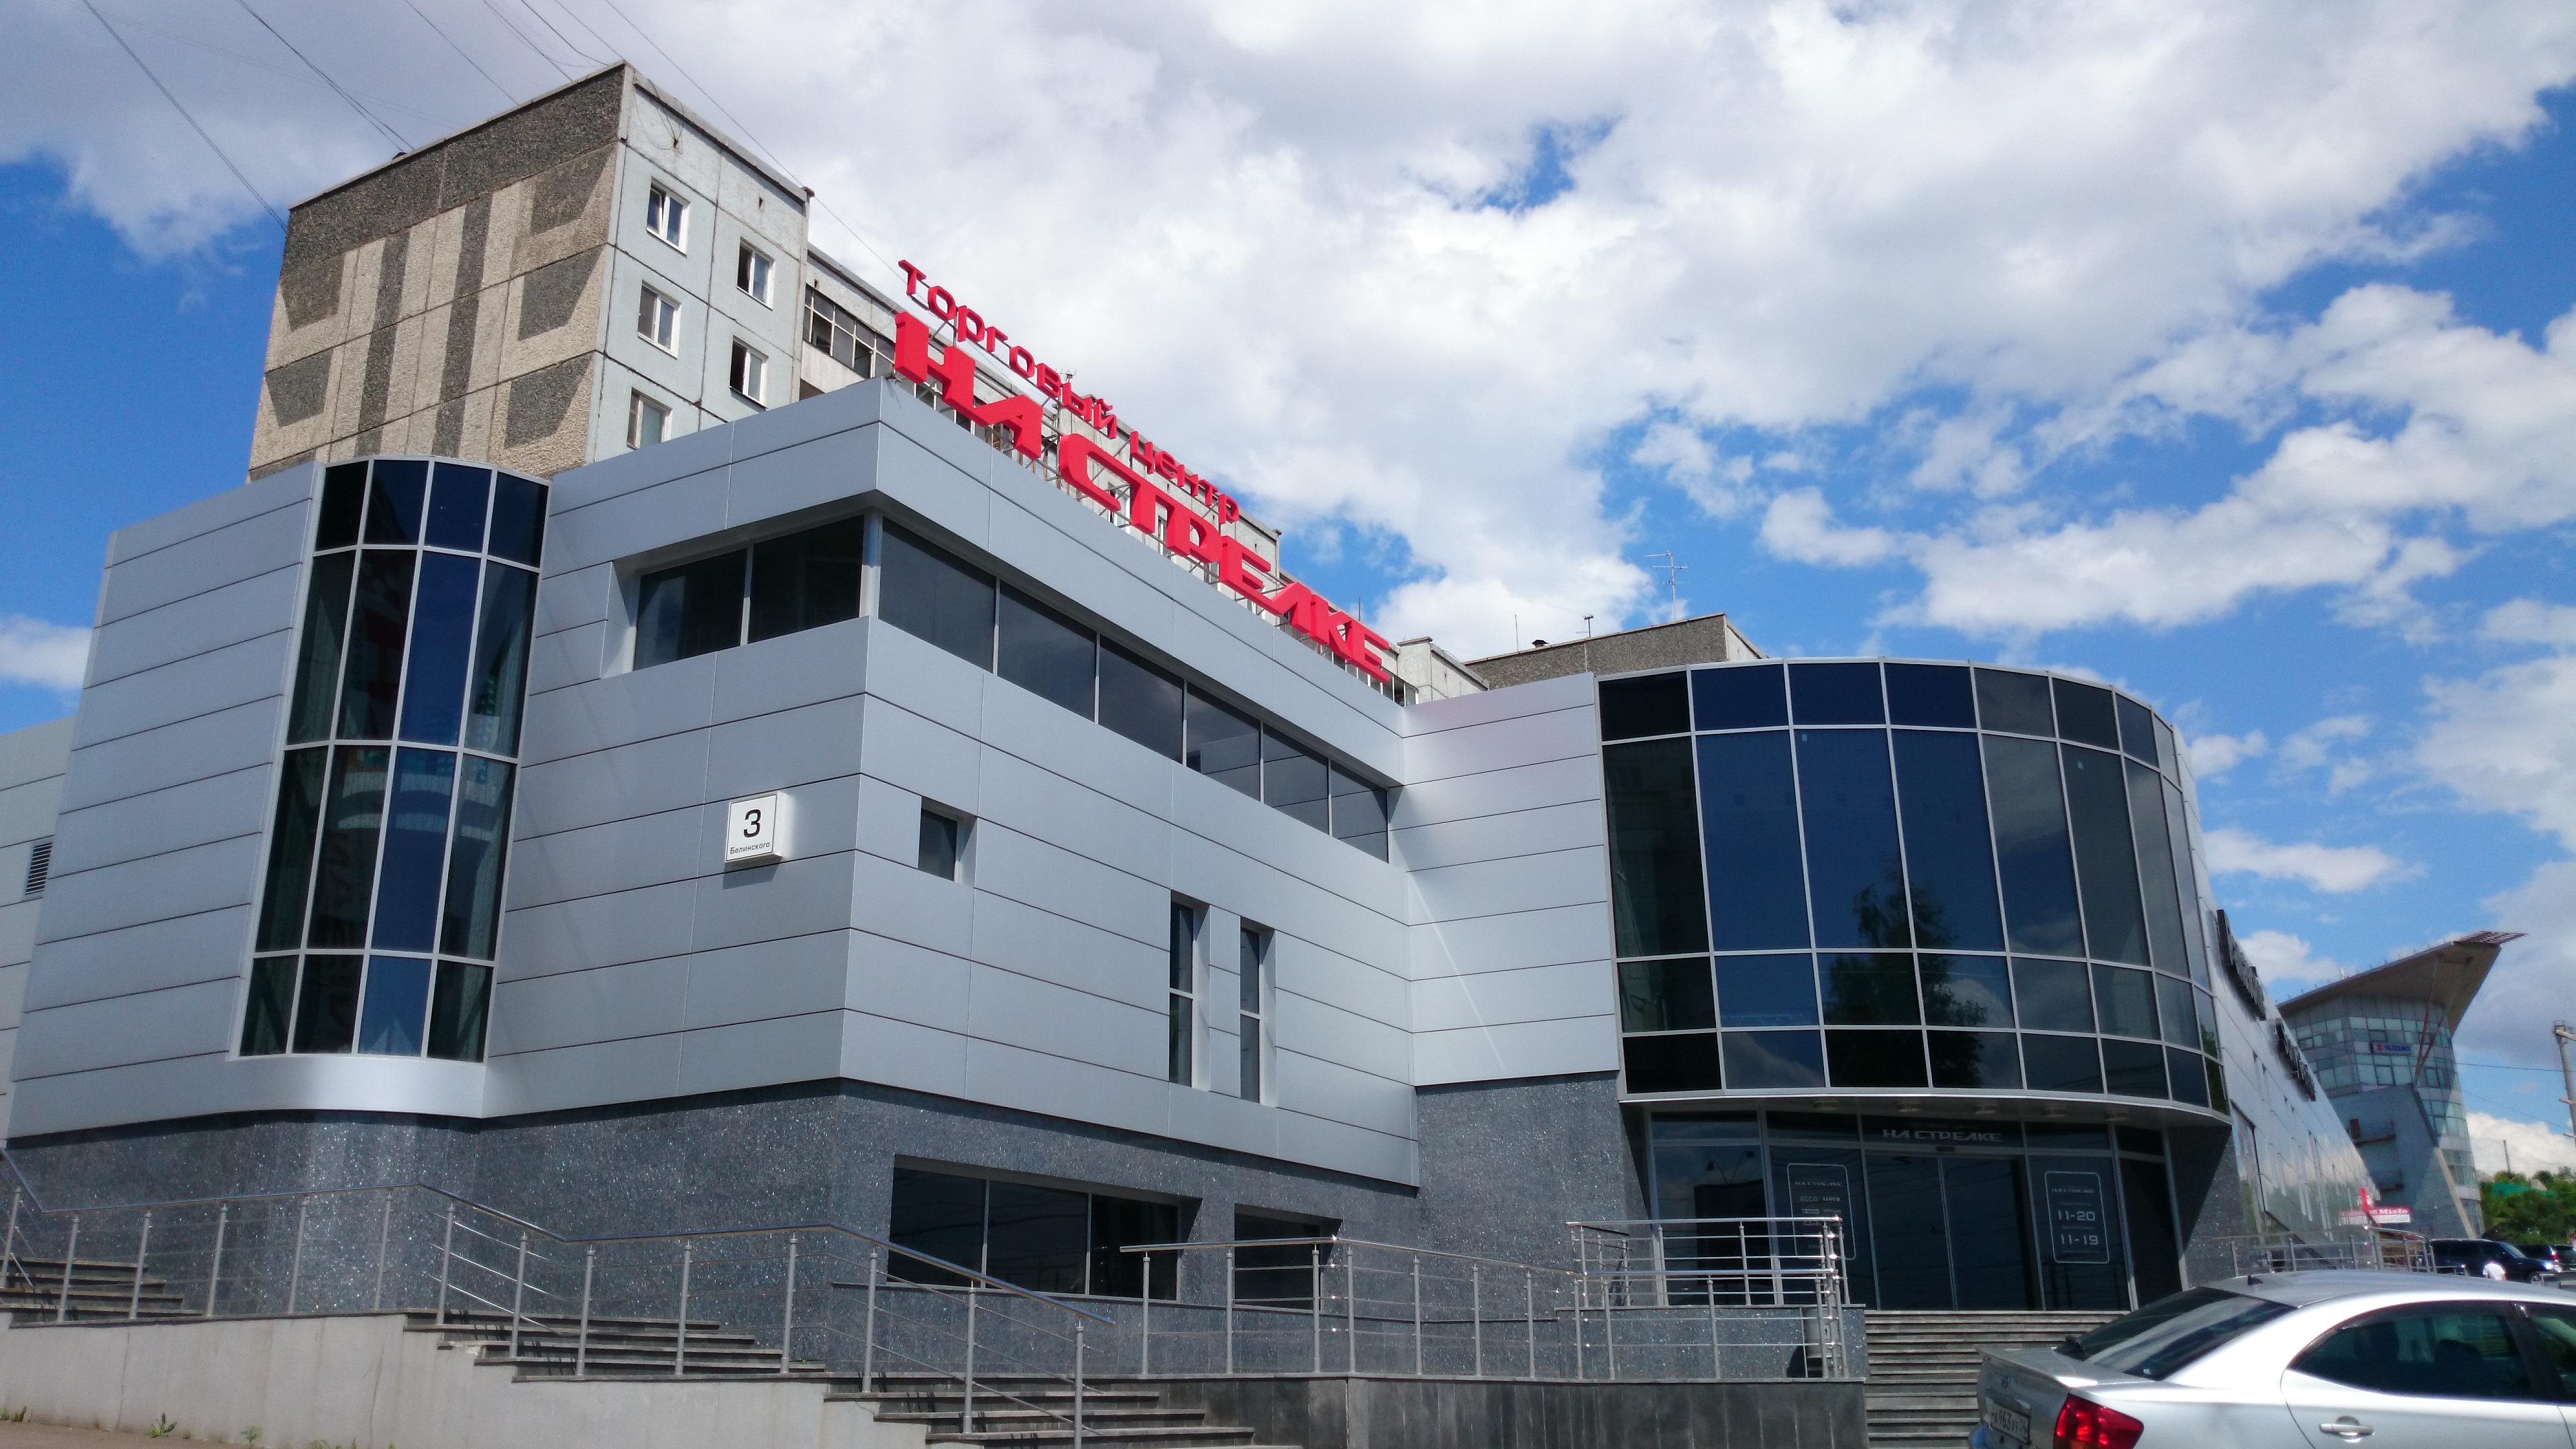 Красноярск ТЦ На стрелке и др.орг. 30.06.2014 года